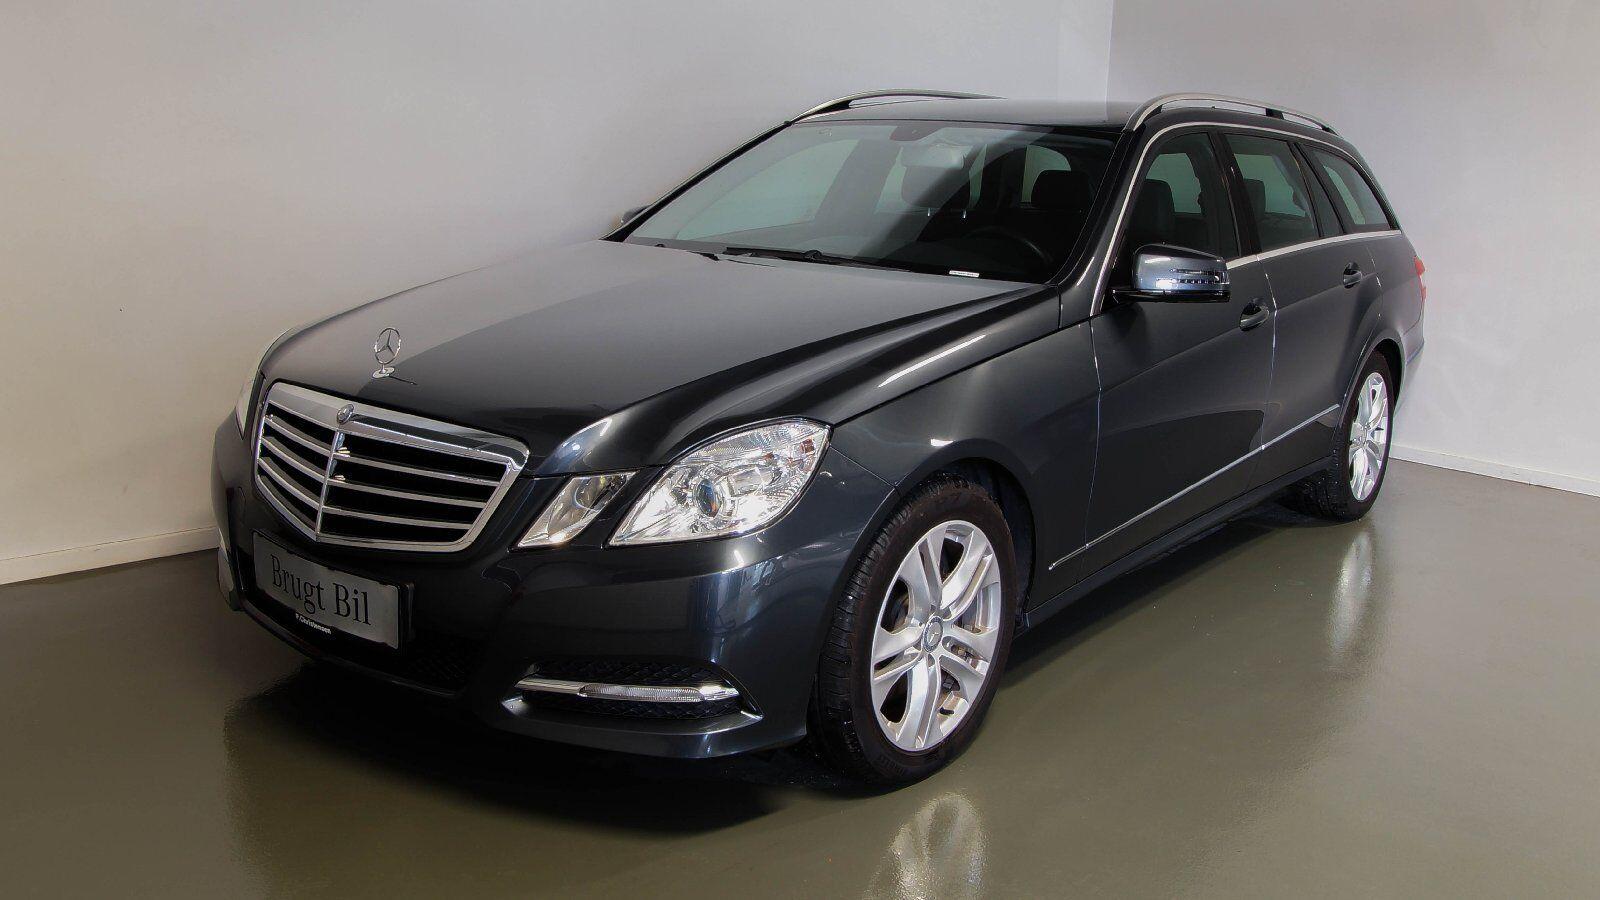 Mercedes E300 2,2 BlueTEC Hybrid stc. aut. 5d - 399.800 kr.